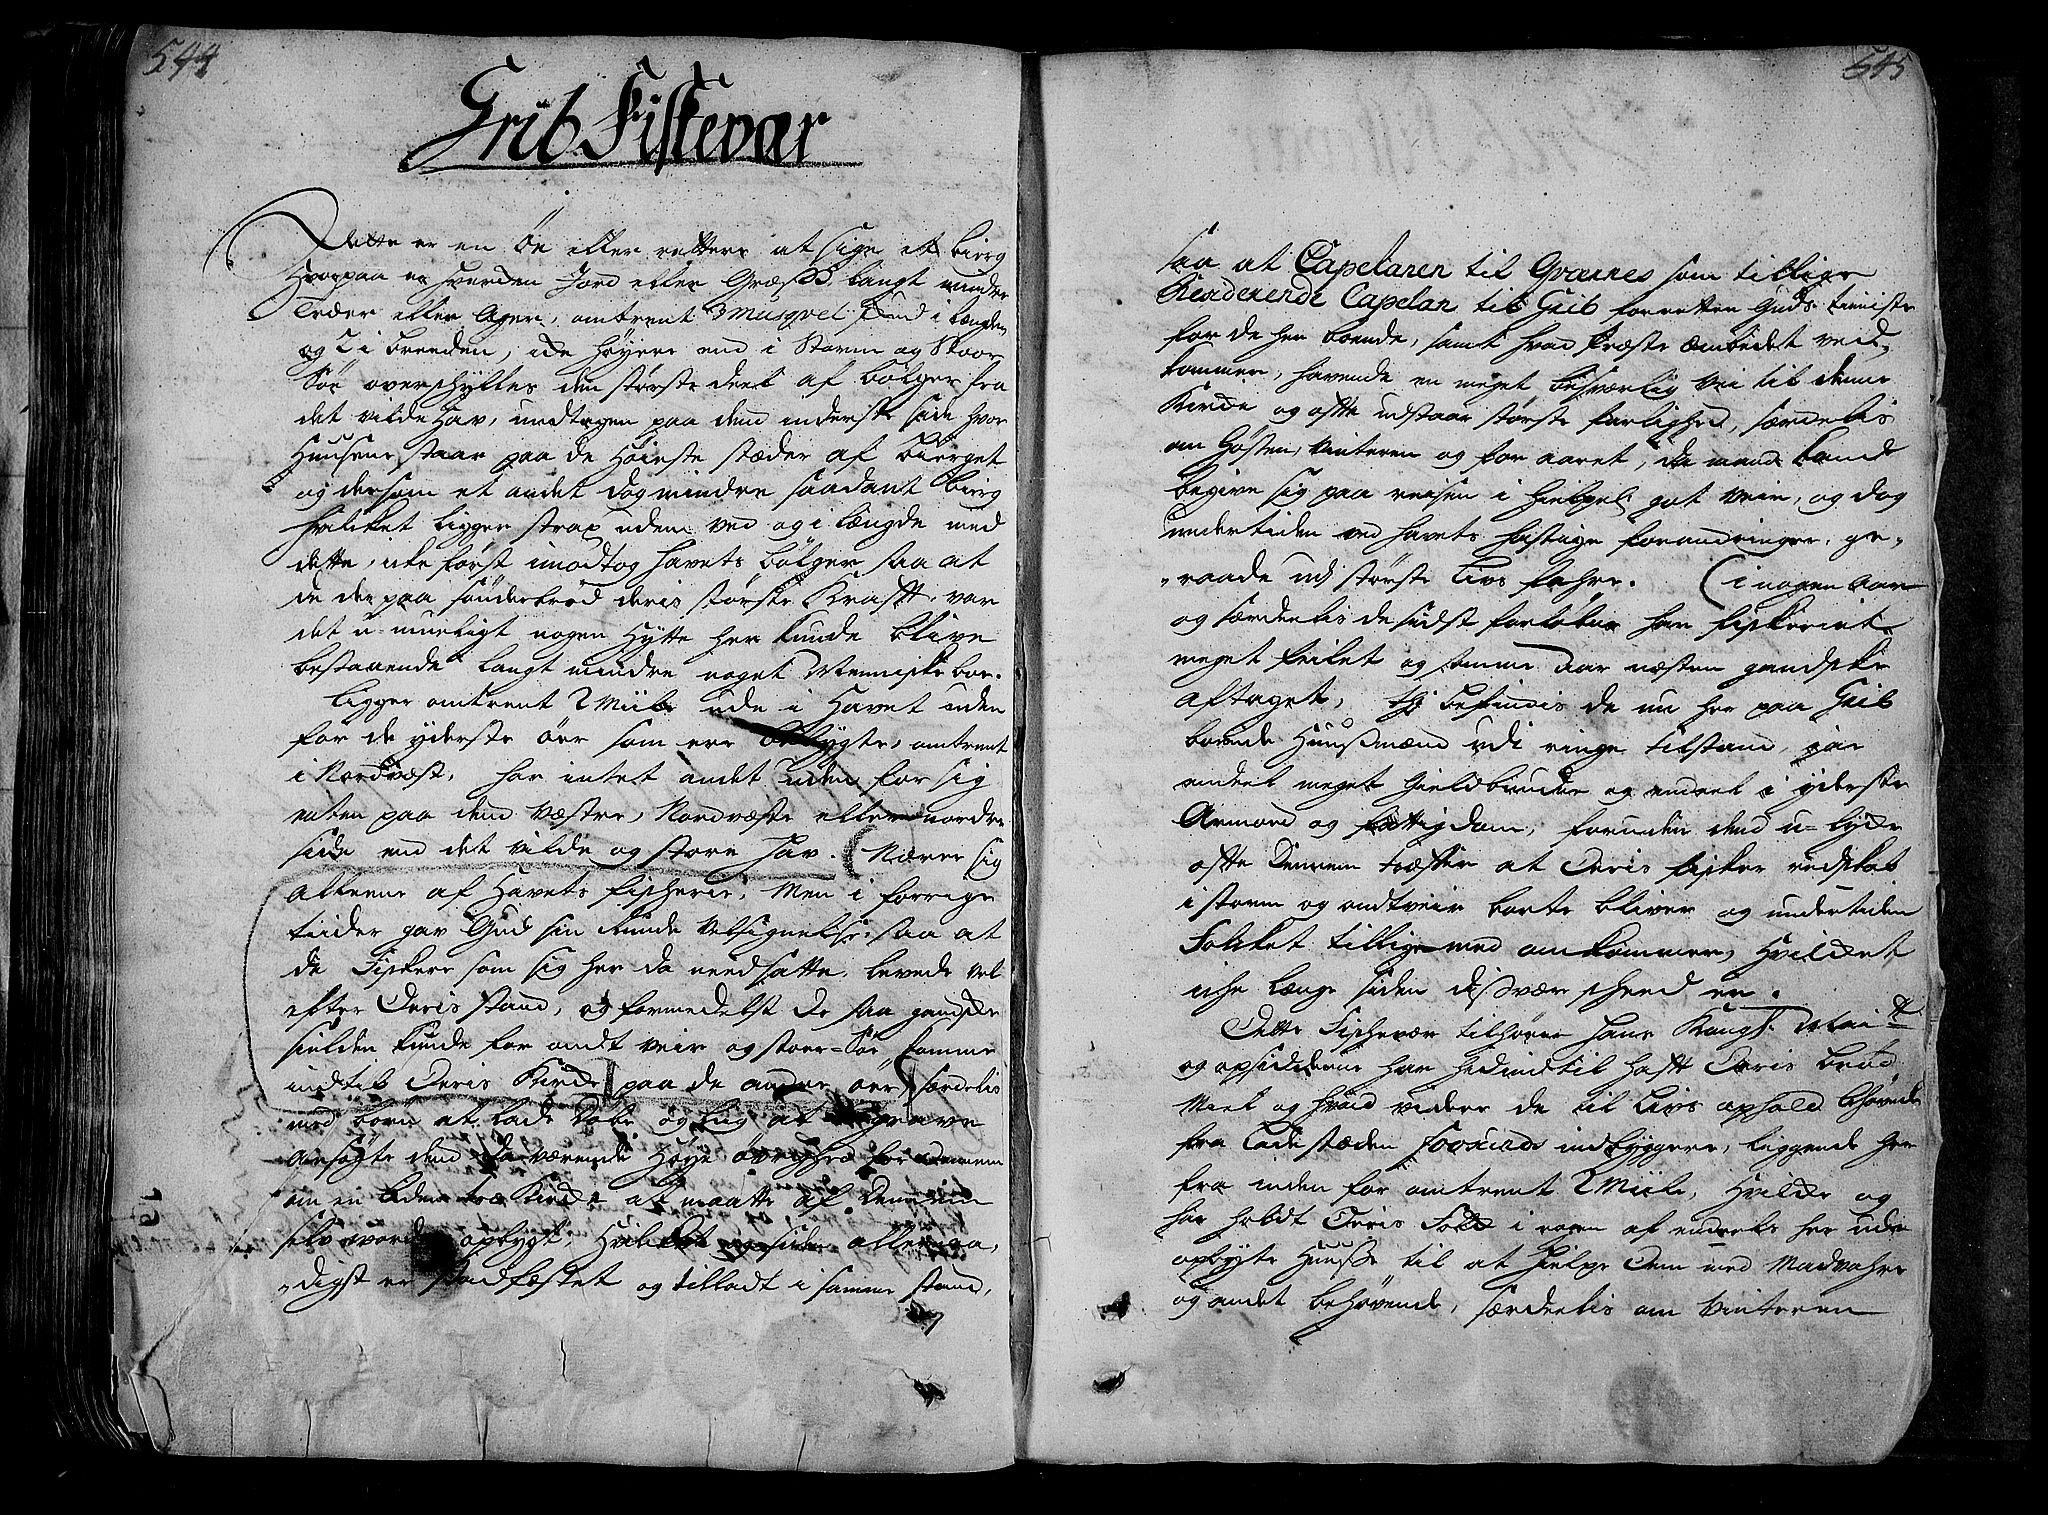 RA, Rentekammeret inntil 1814, Realistisk ordnet avdeling, N/Nb/Nbf/L0154: Nordmøre eksaminasjonsprotokoll, 1721-1723, s. 544-545